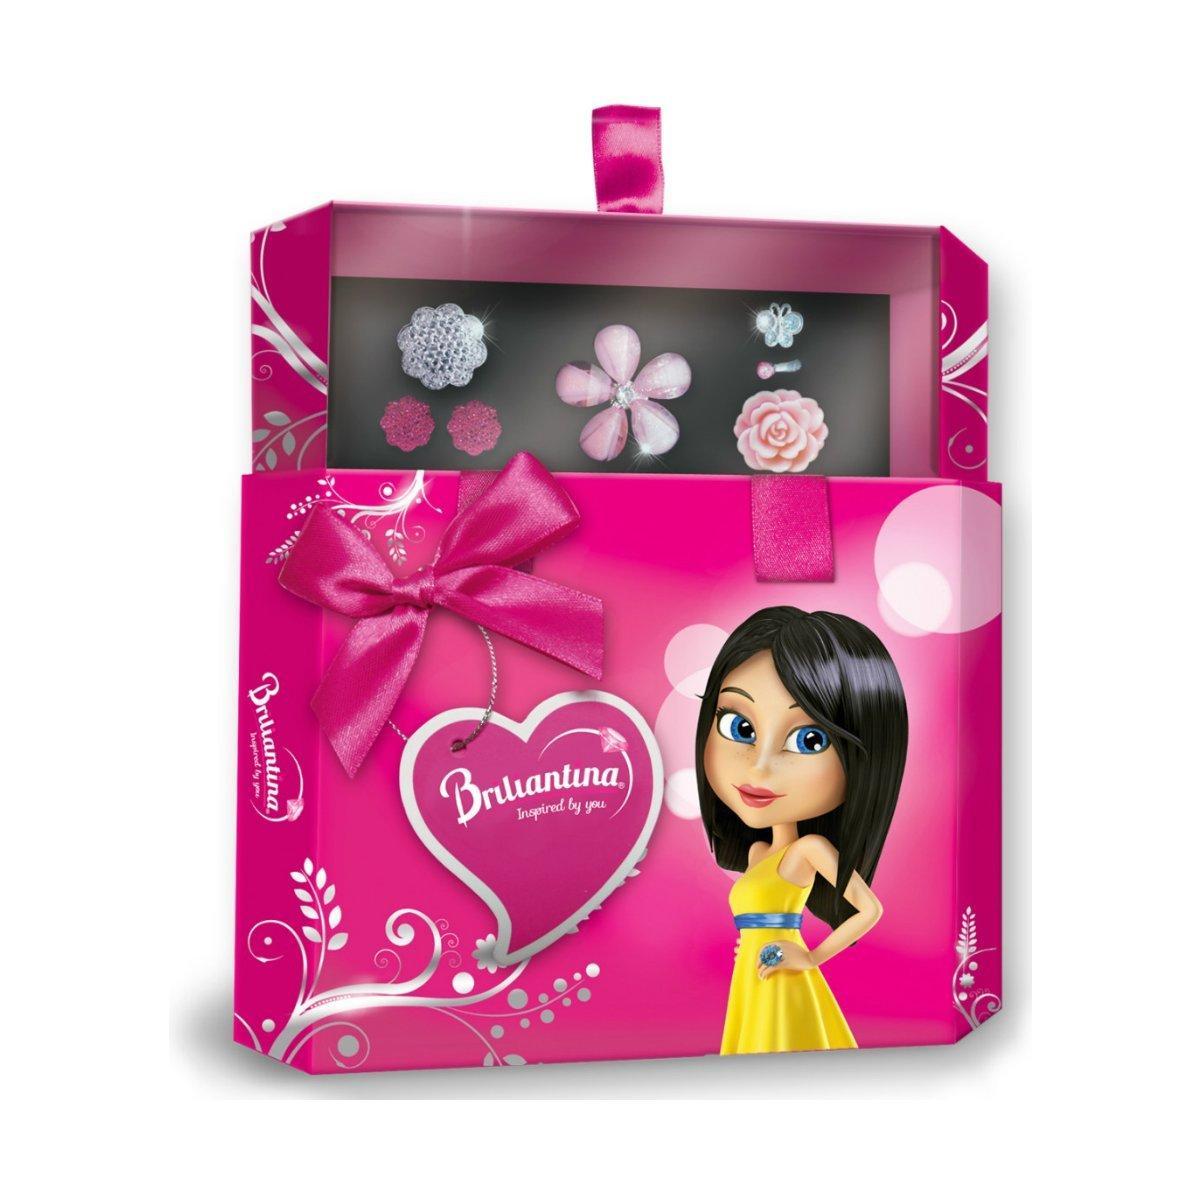 Подарочный набор Briliantina Hex Box розовый 51108 ТМ: Briliantina